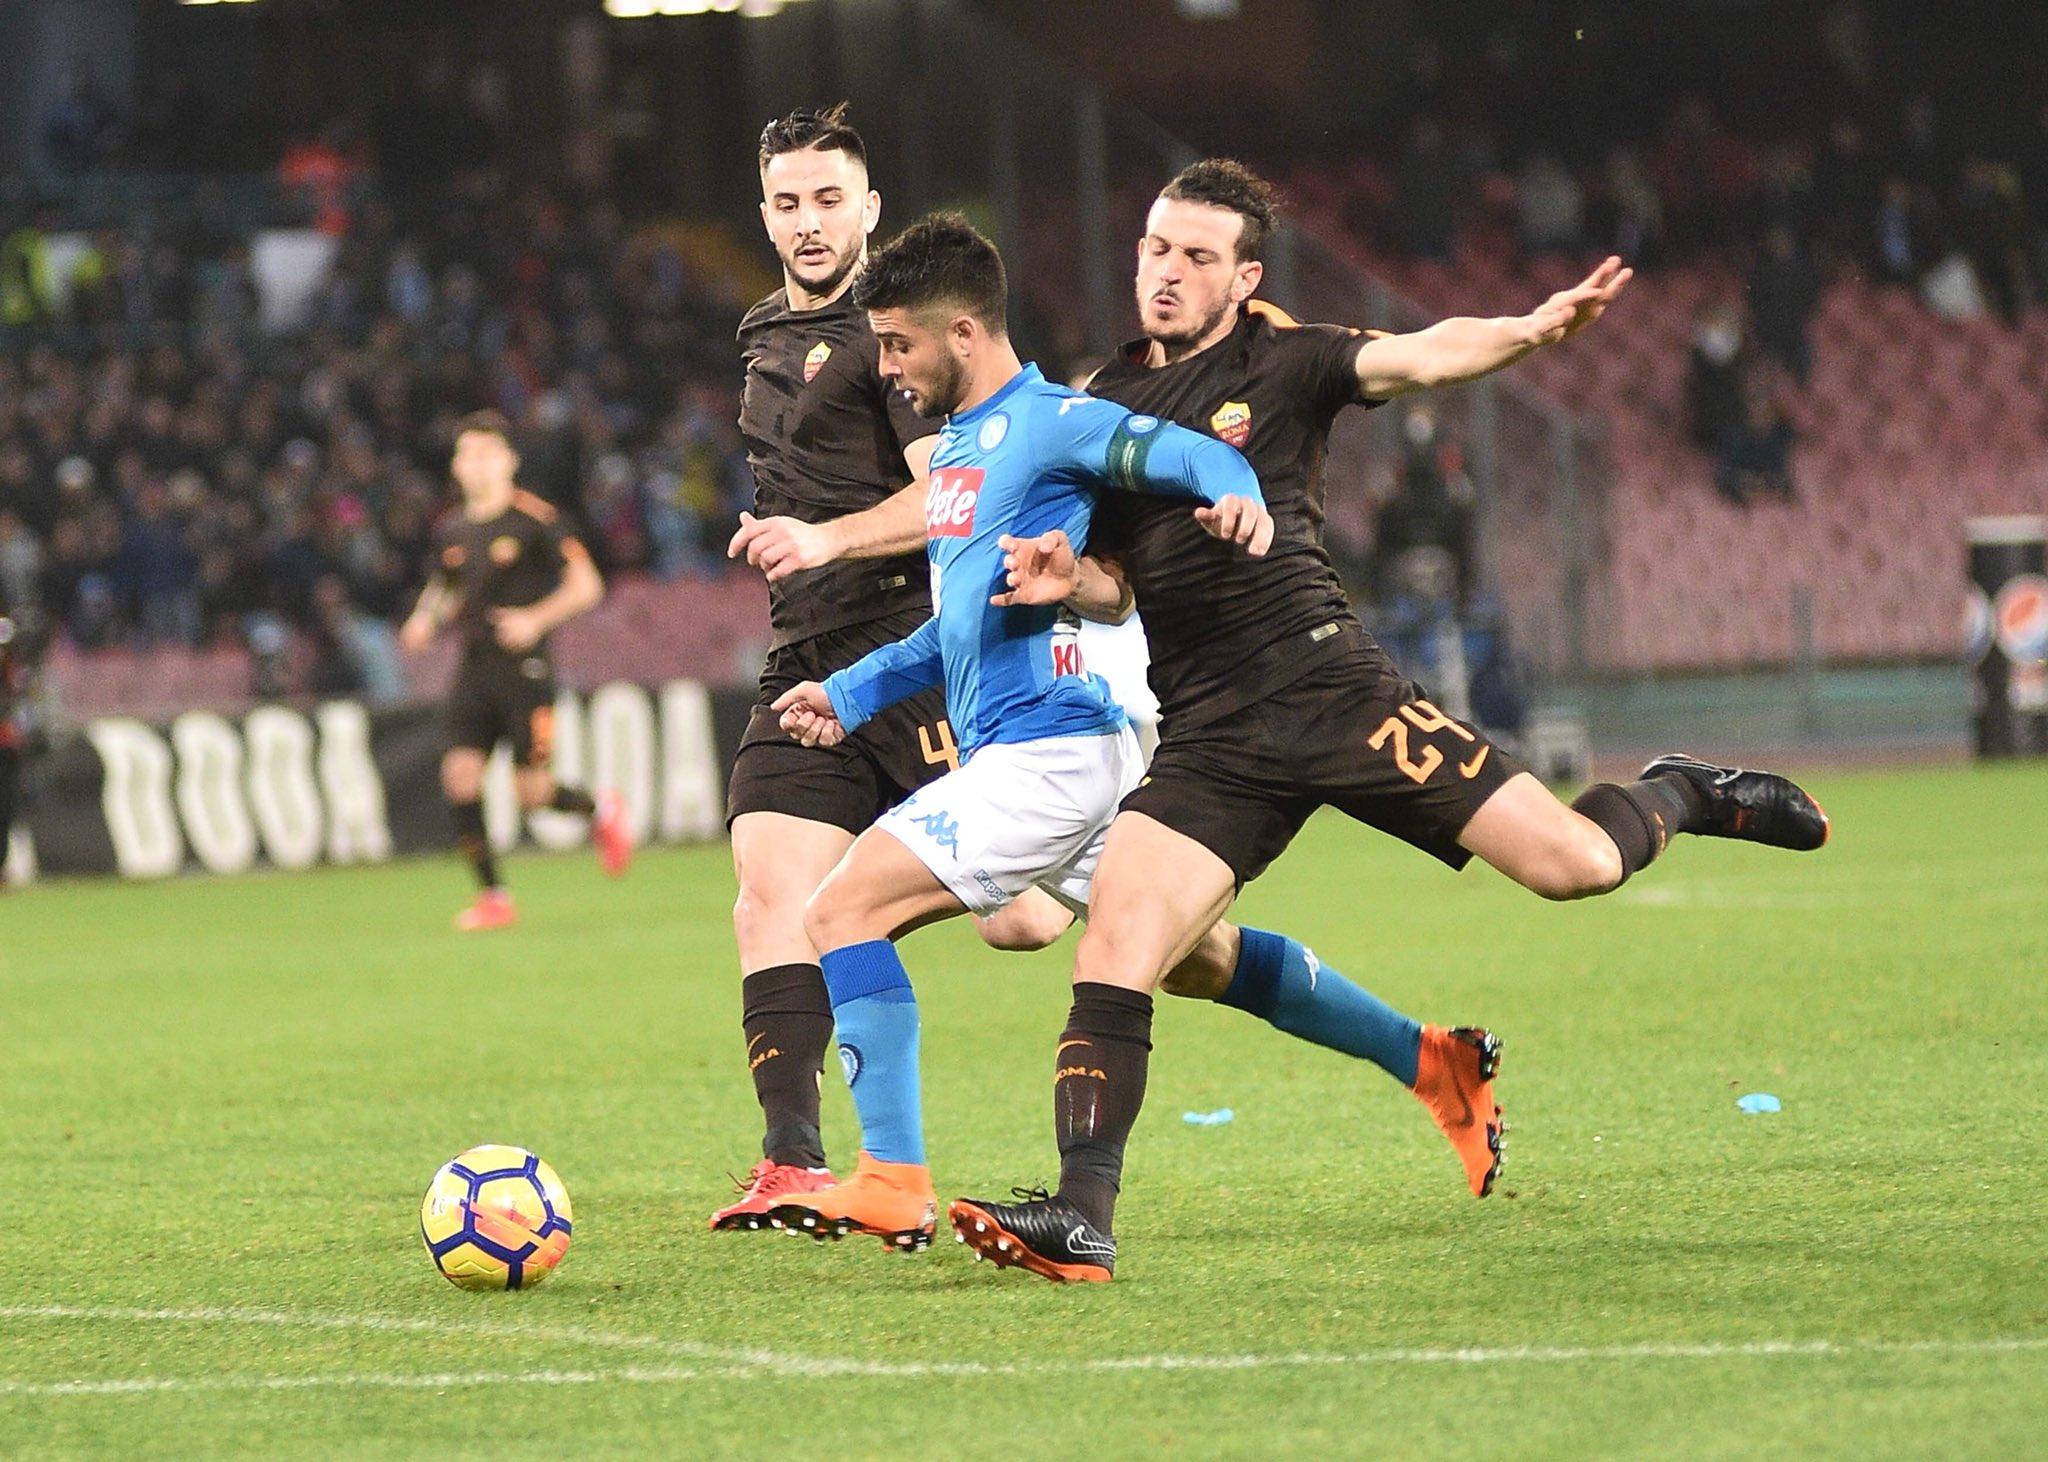 Napoli-Roma 1-2, il primo tempo: la rimonta dopo l'inizio da sogno